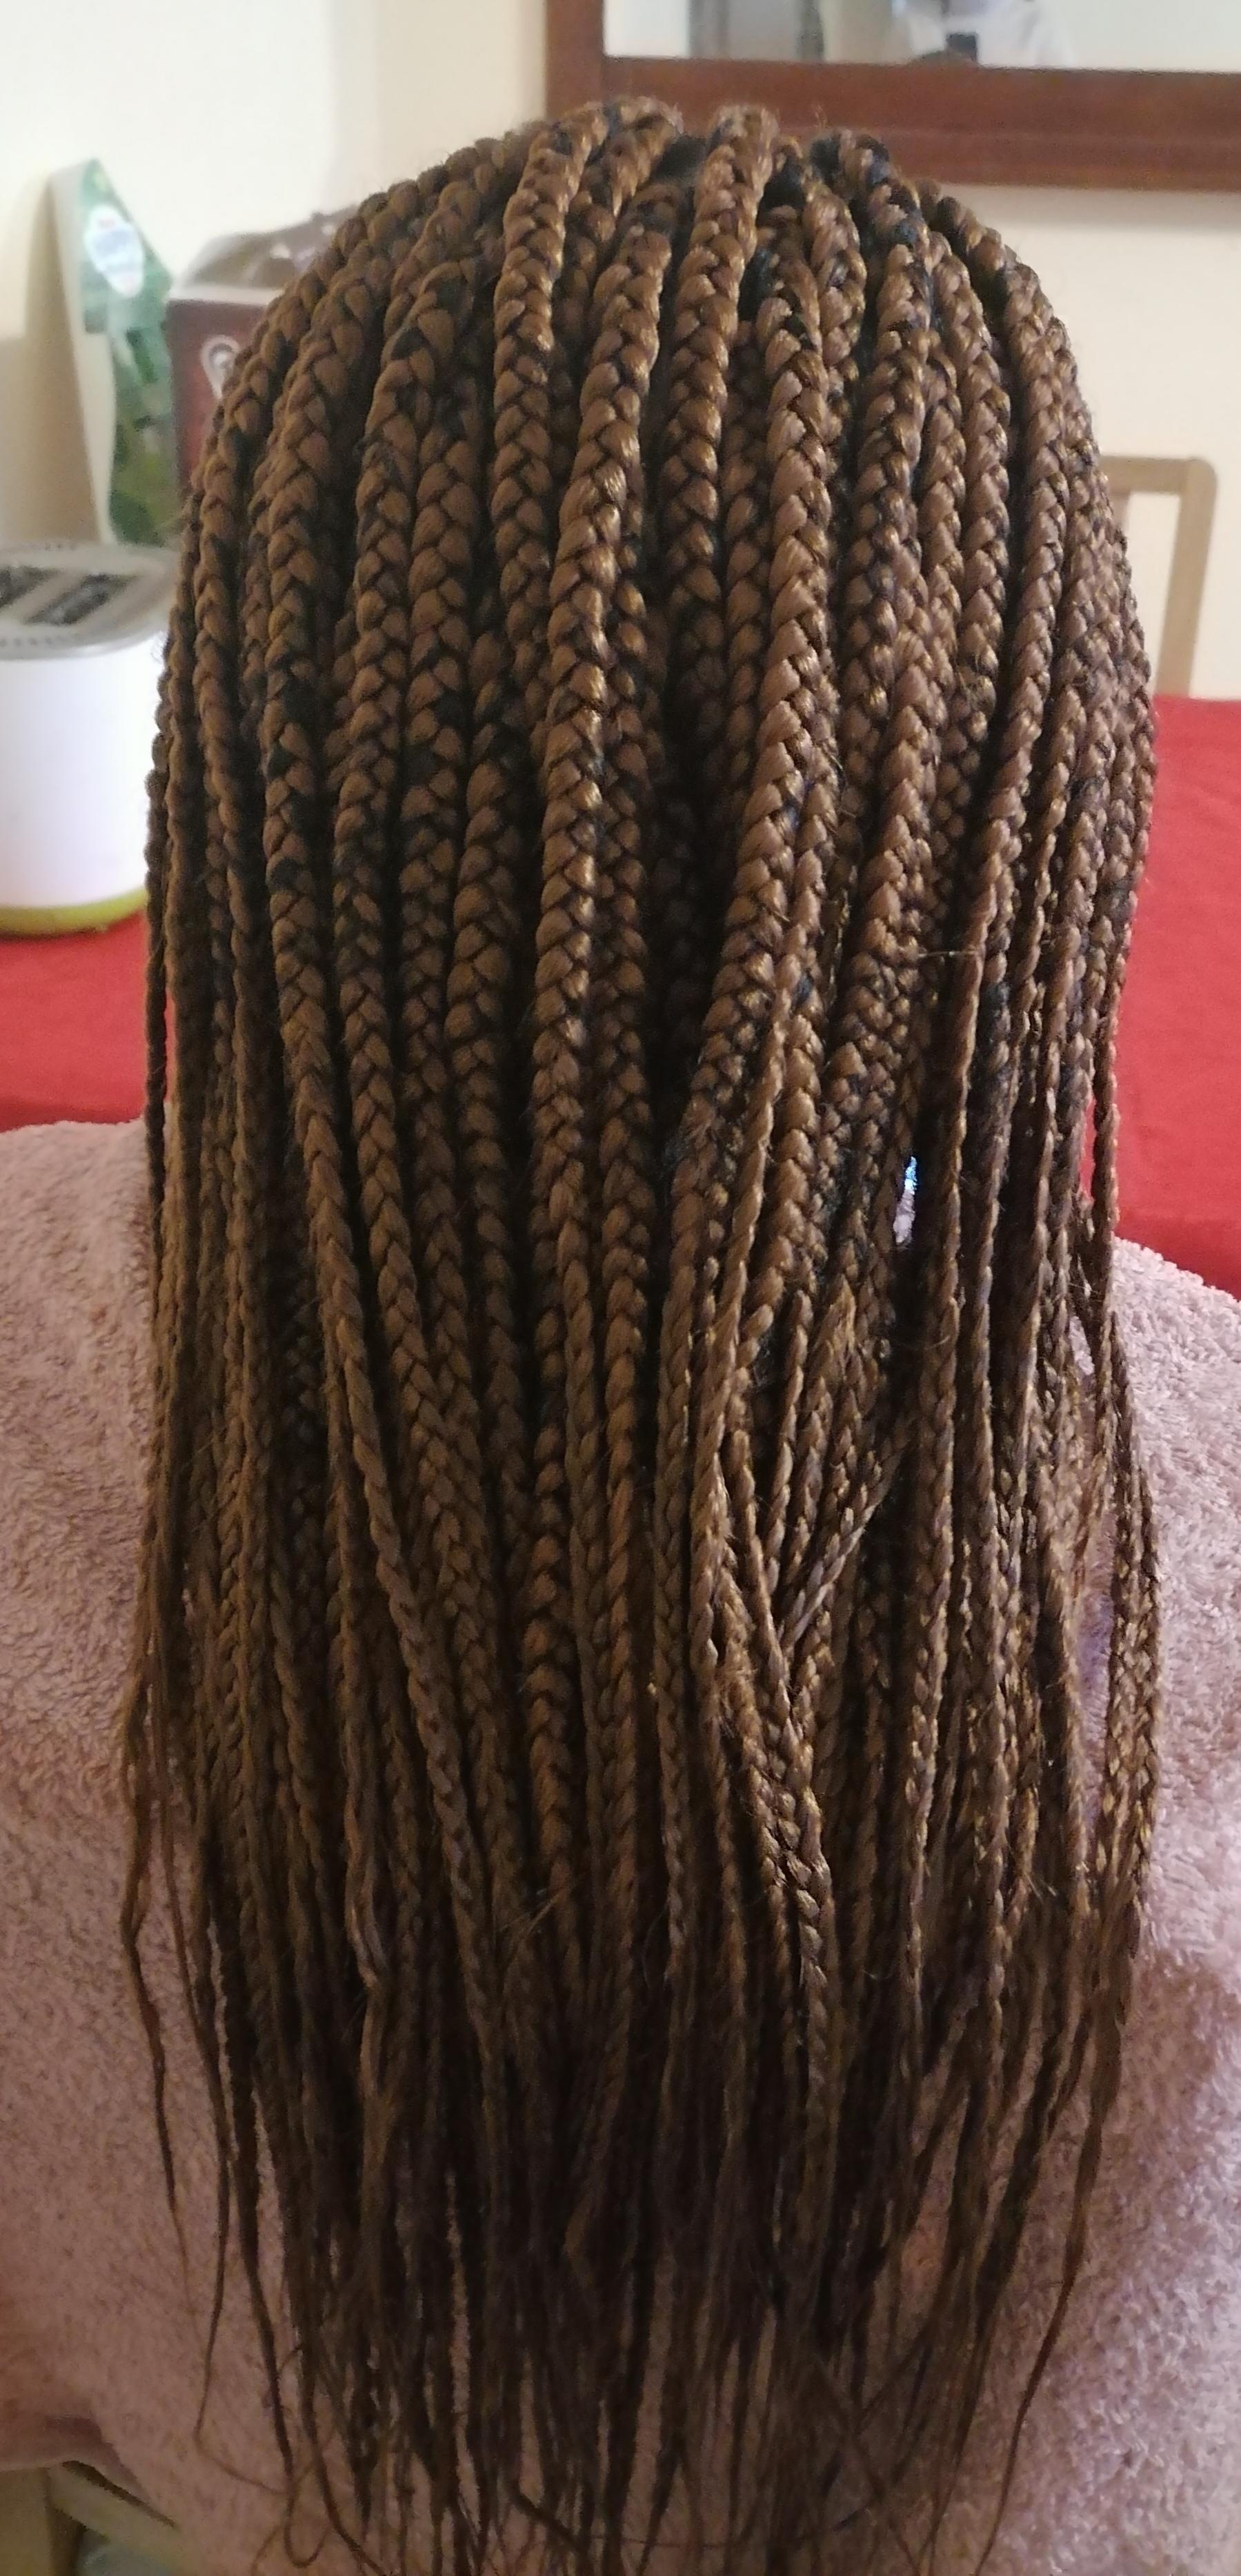 salon de coiffure afro tresse tresses box braids crochet braids vanilles tissages paris 75 77 78 91 92 93 94 95 JVQQHPTN